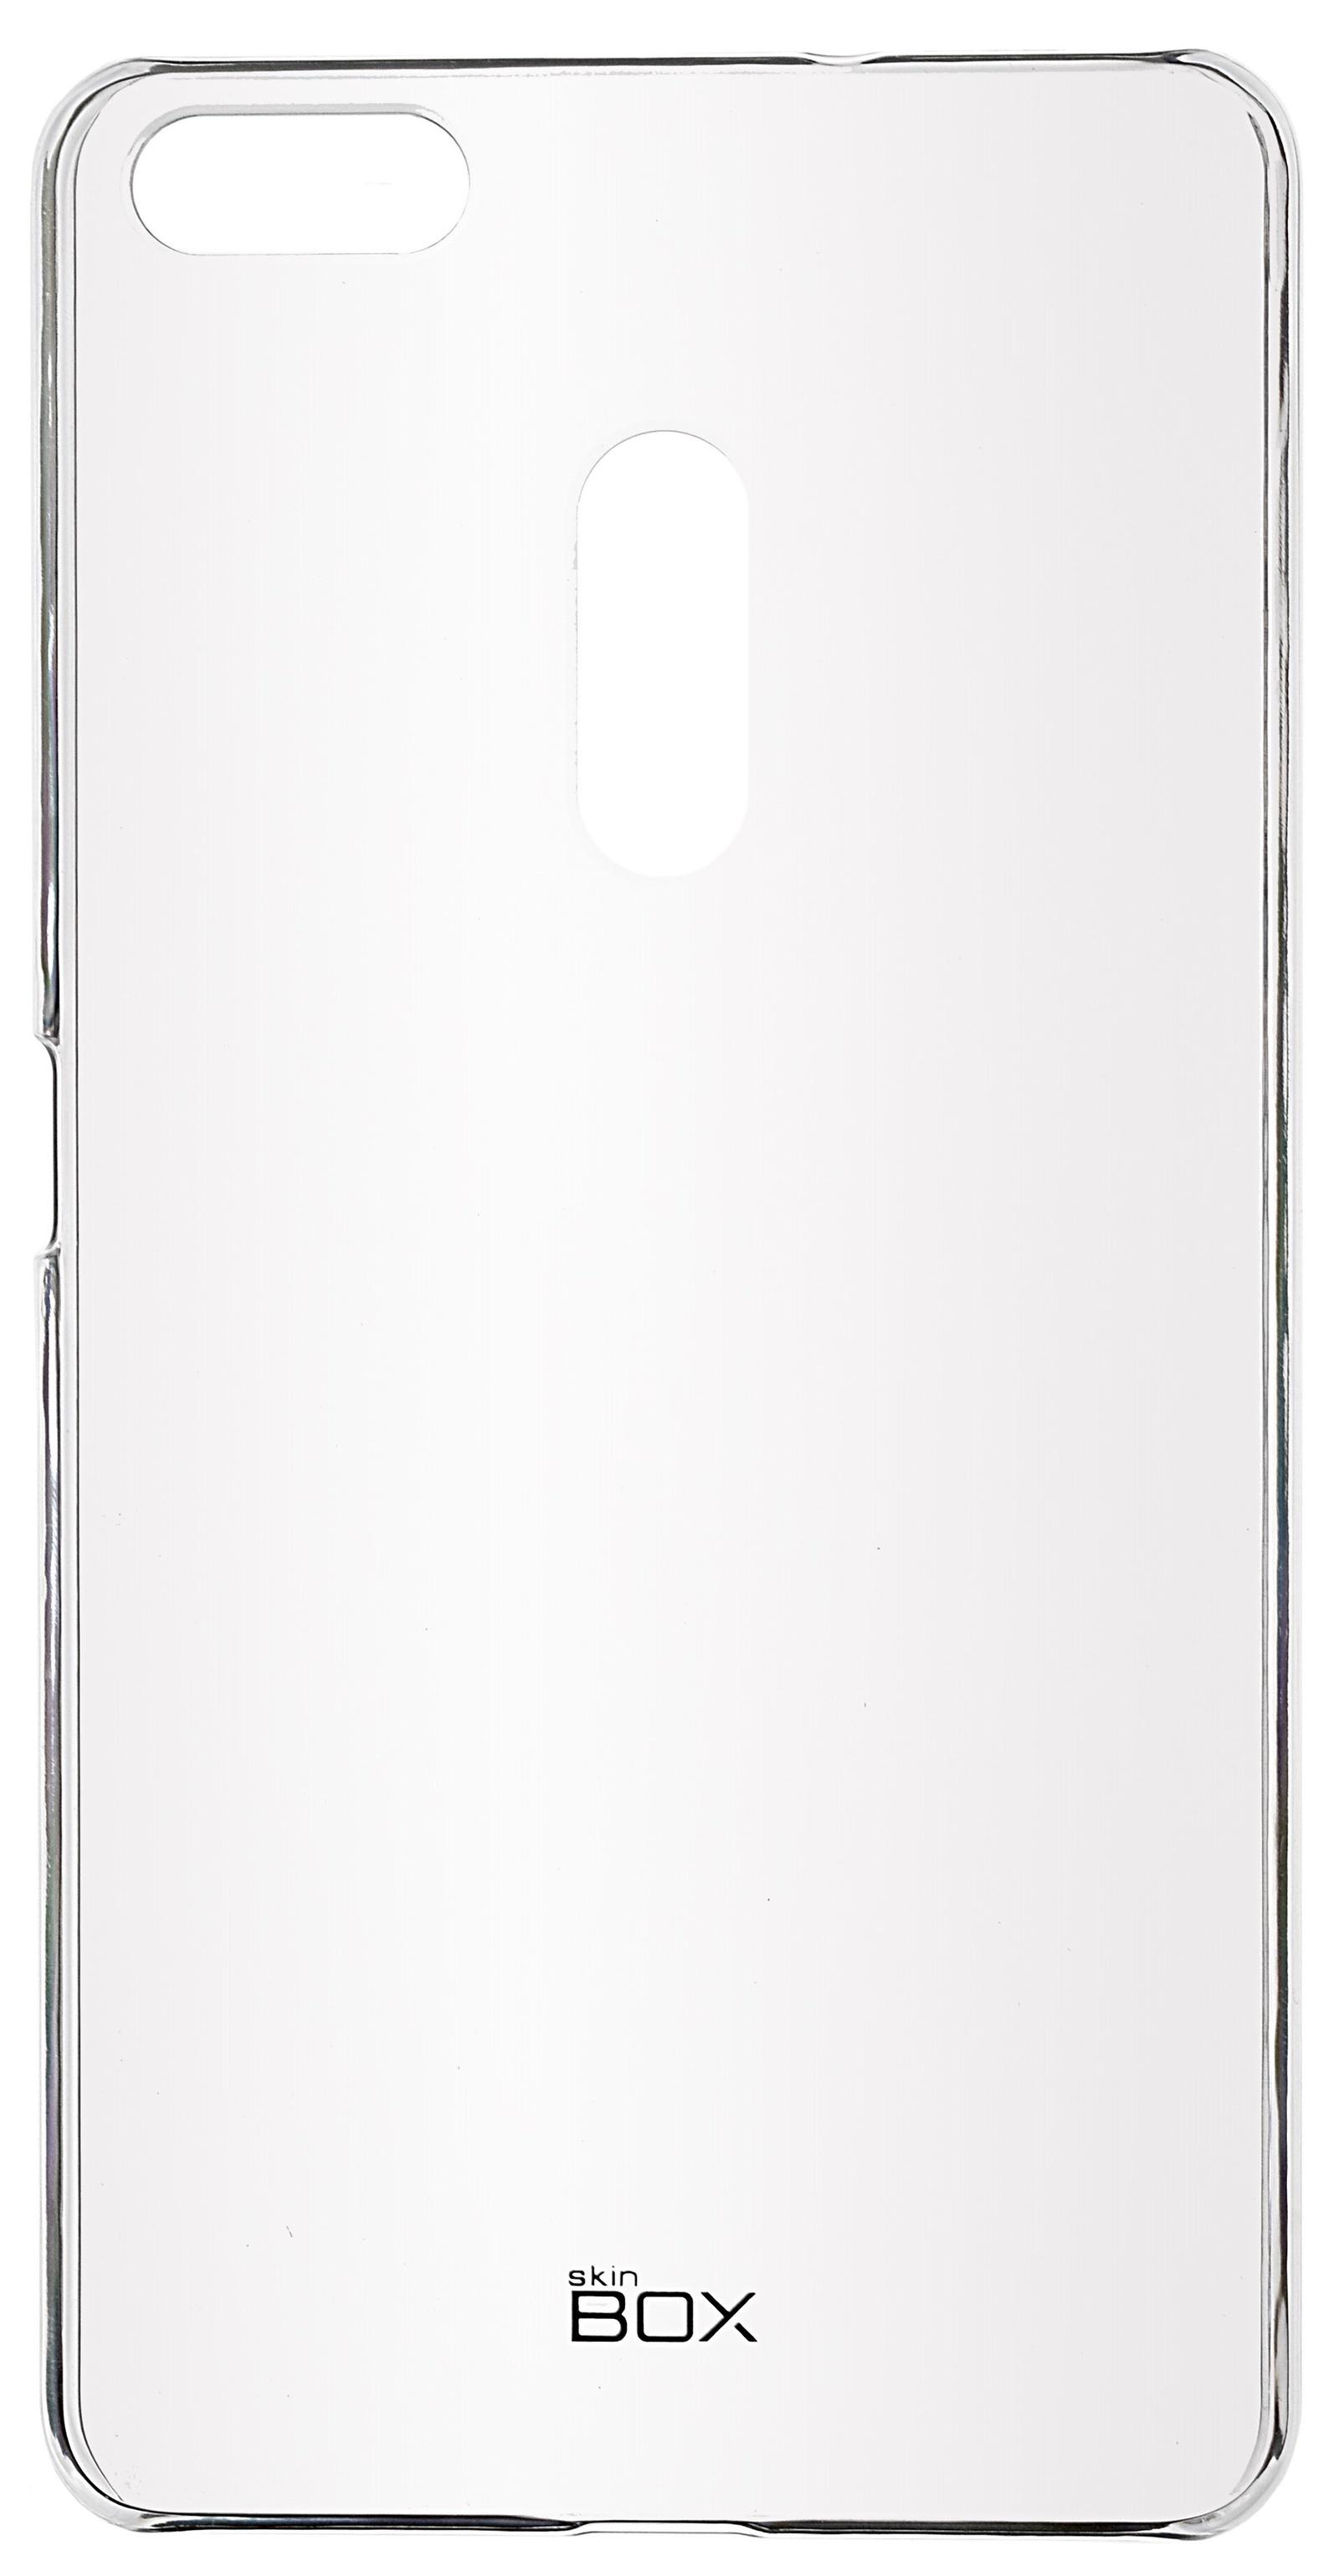 Чехол для сотового телефона skinBOX Crystal, 4630042528253, прозрачный чехол для meizu u20 skinbox 4people shield красный